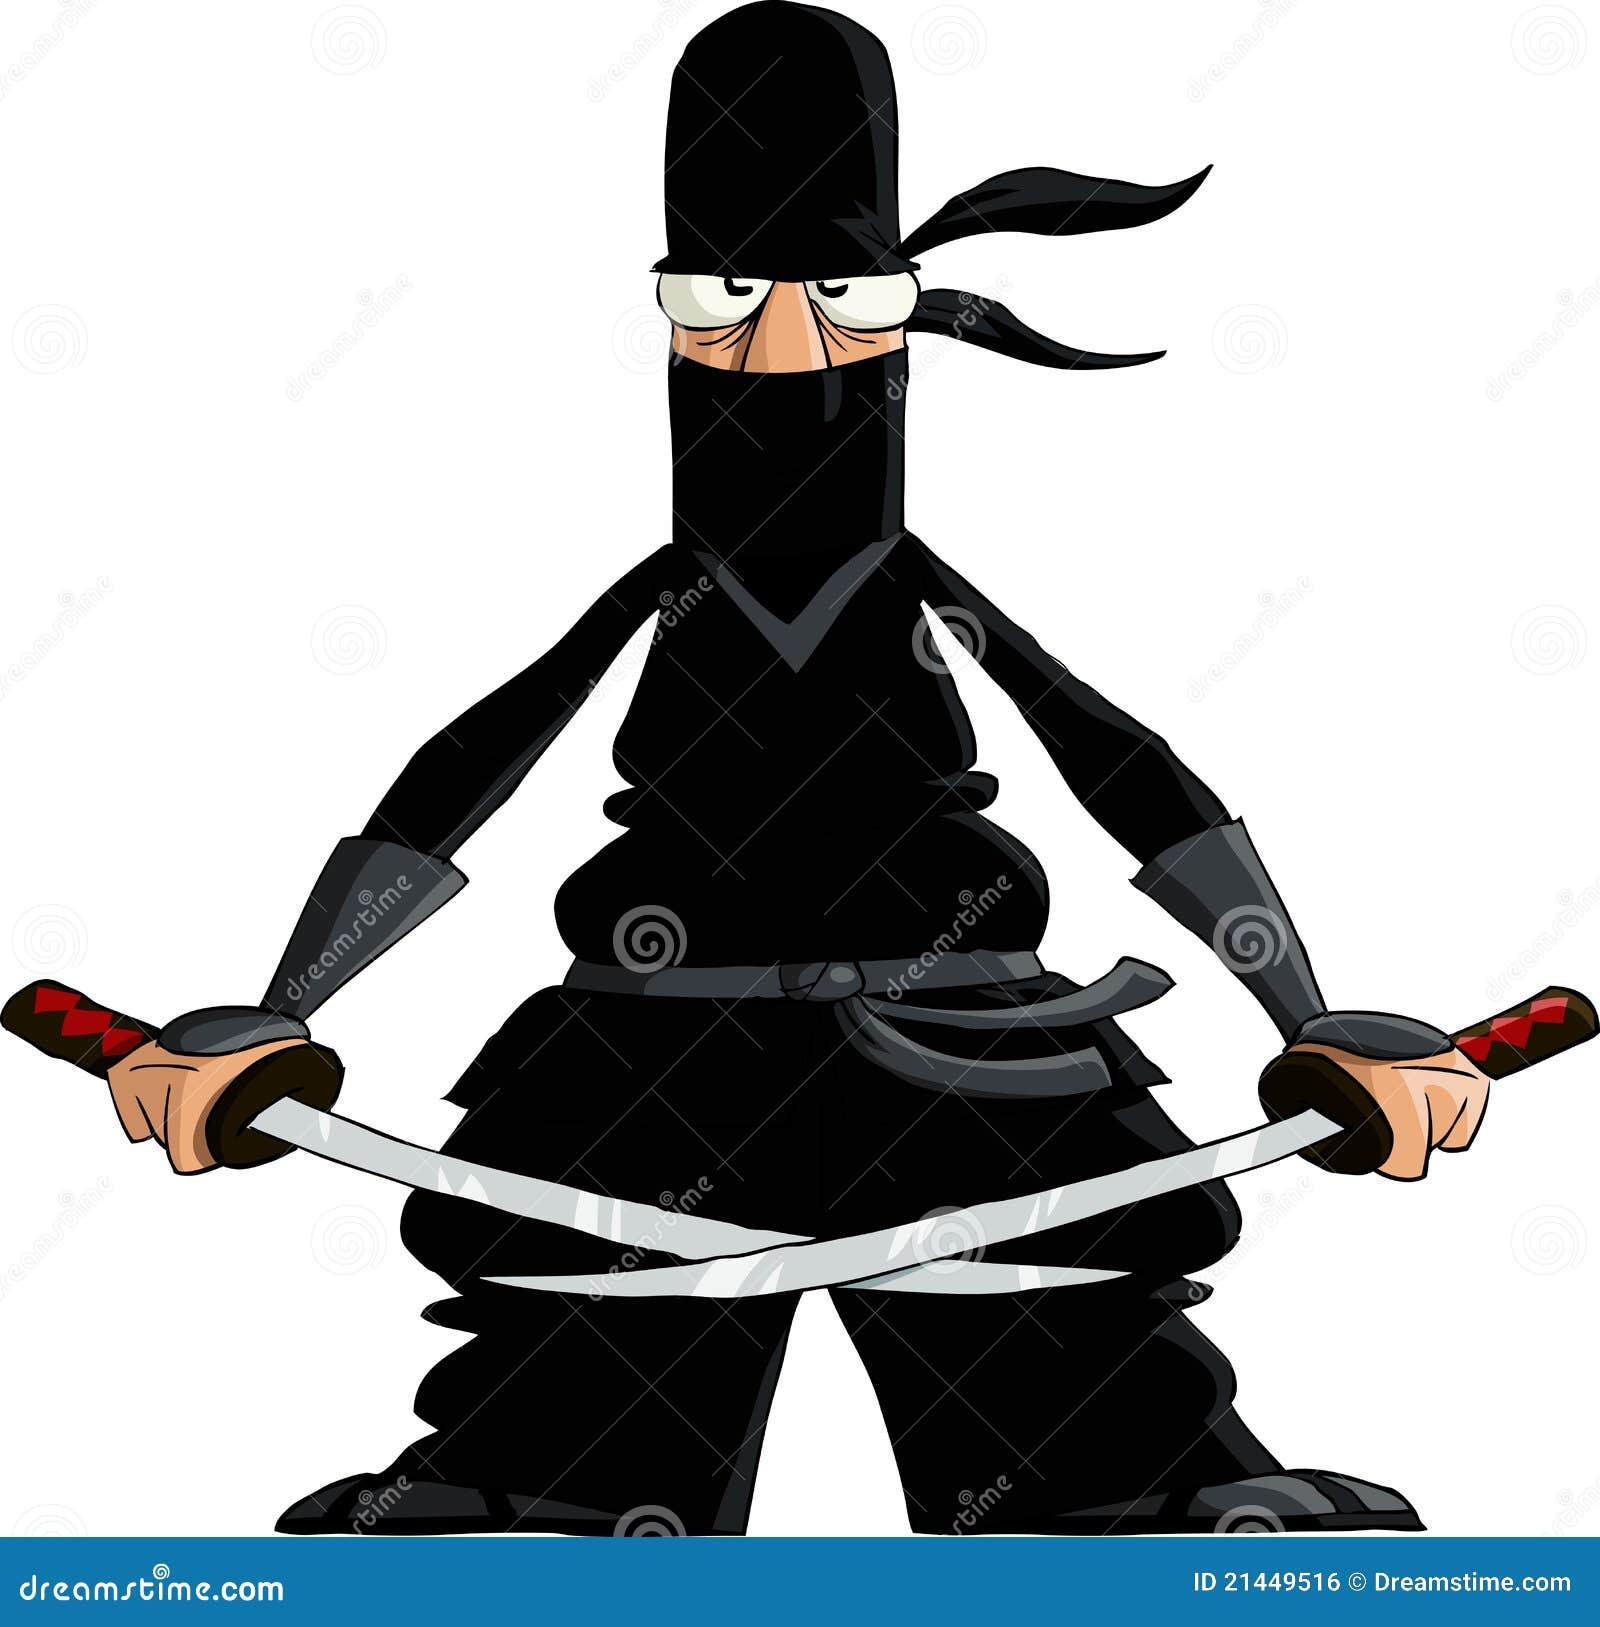 Ninja Free